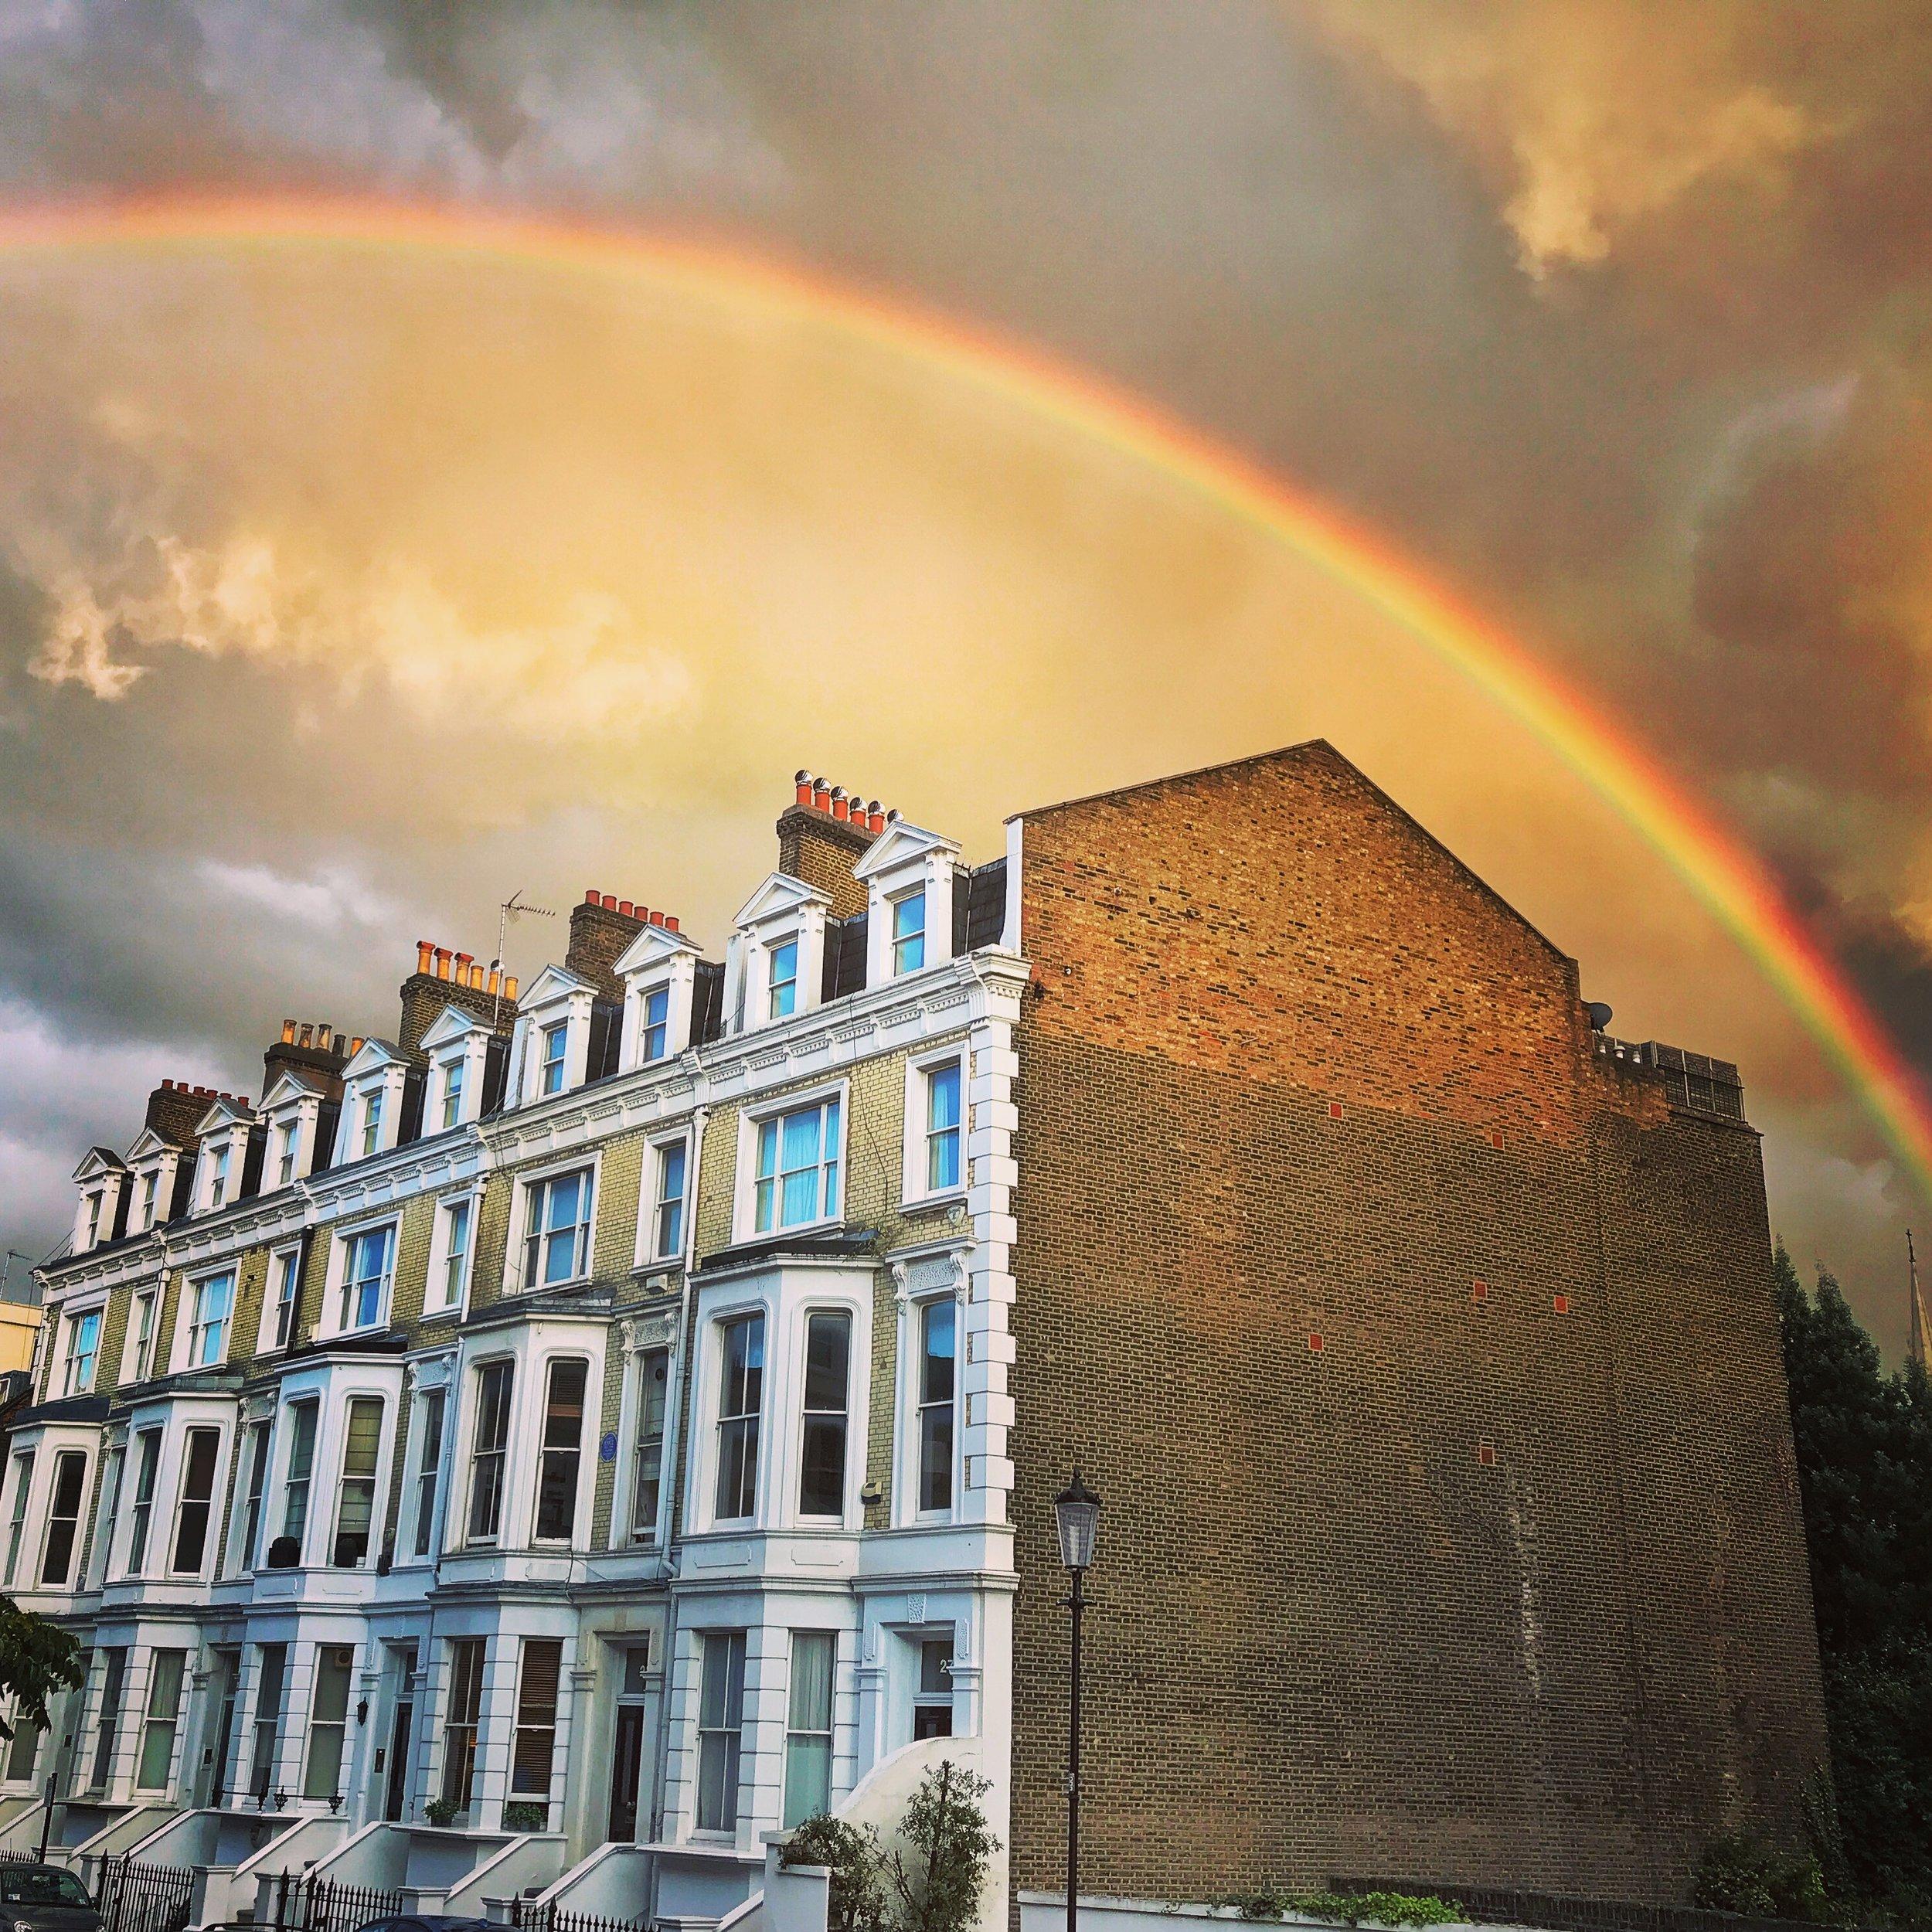 Rainbow Over Kensington